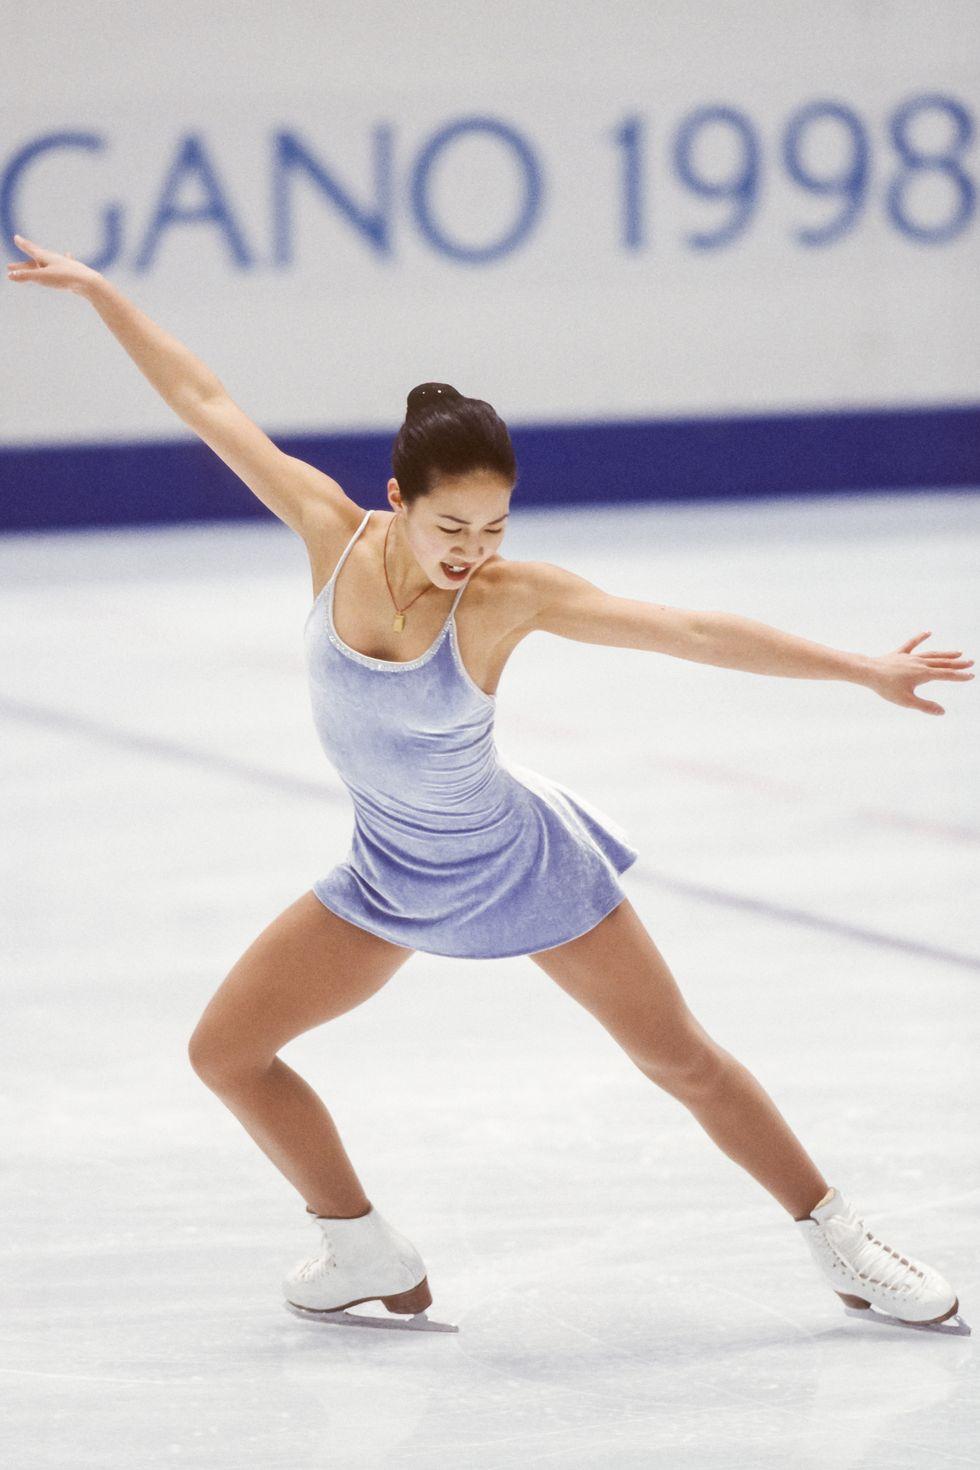 """1998: Мишел Куан Вера Уанг отново остава отпечатък в спорта, създавайки роклята на Мишел Куан за Зимната Олимпиада в Япония. """"Предпочитах нещо семпло и елегантно, за да не се разсейват красотата на движенията на леда,"""" казва Куан в интервю през 2017."""